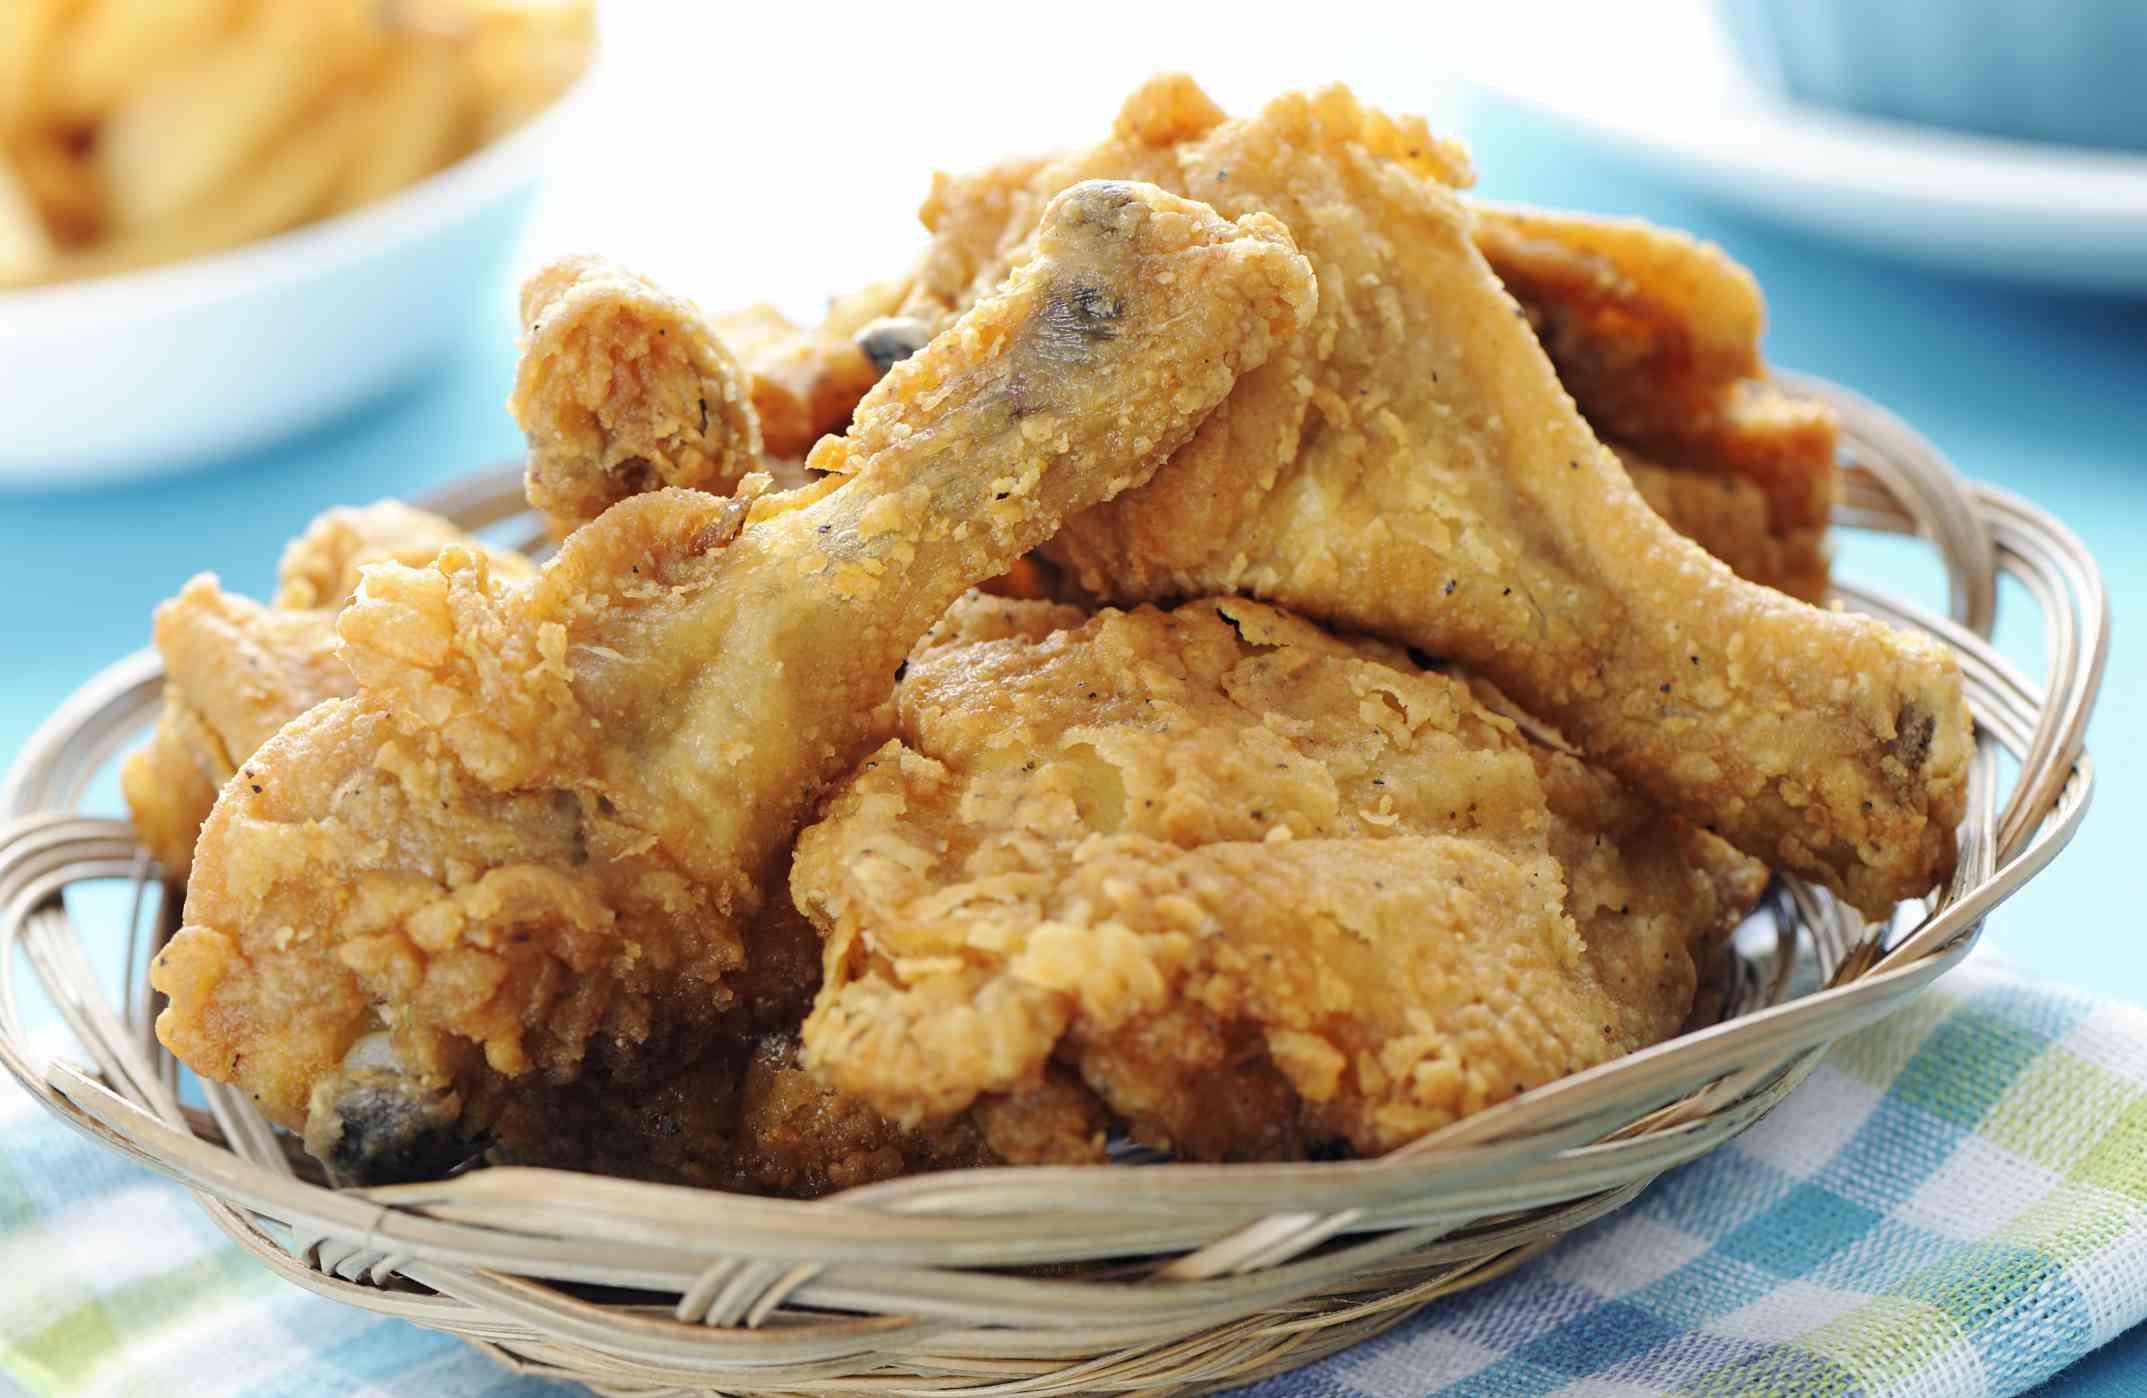 Pollo frito en una canasta para servir